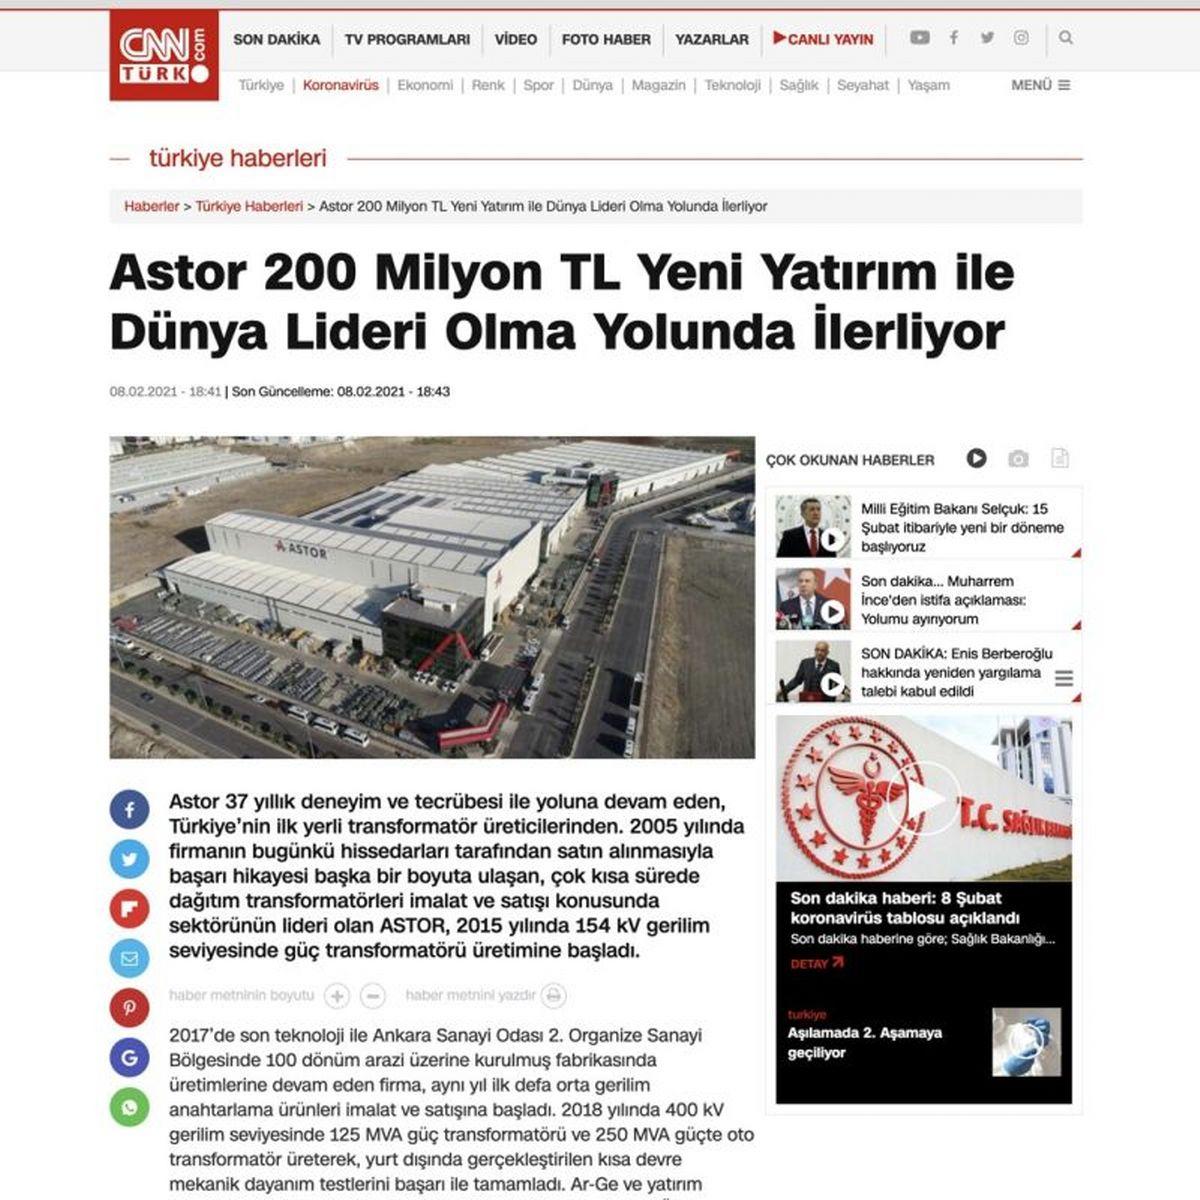 ASTOR Astor yeni fabrikası ve dev yatırımı ile basında büyük yankı uyandırdı.